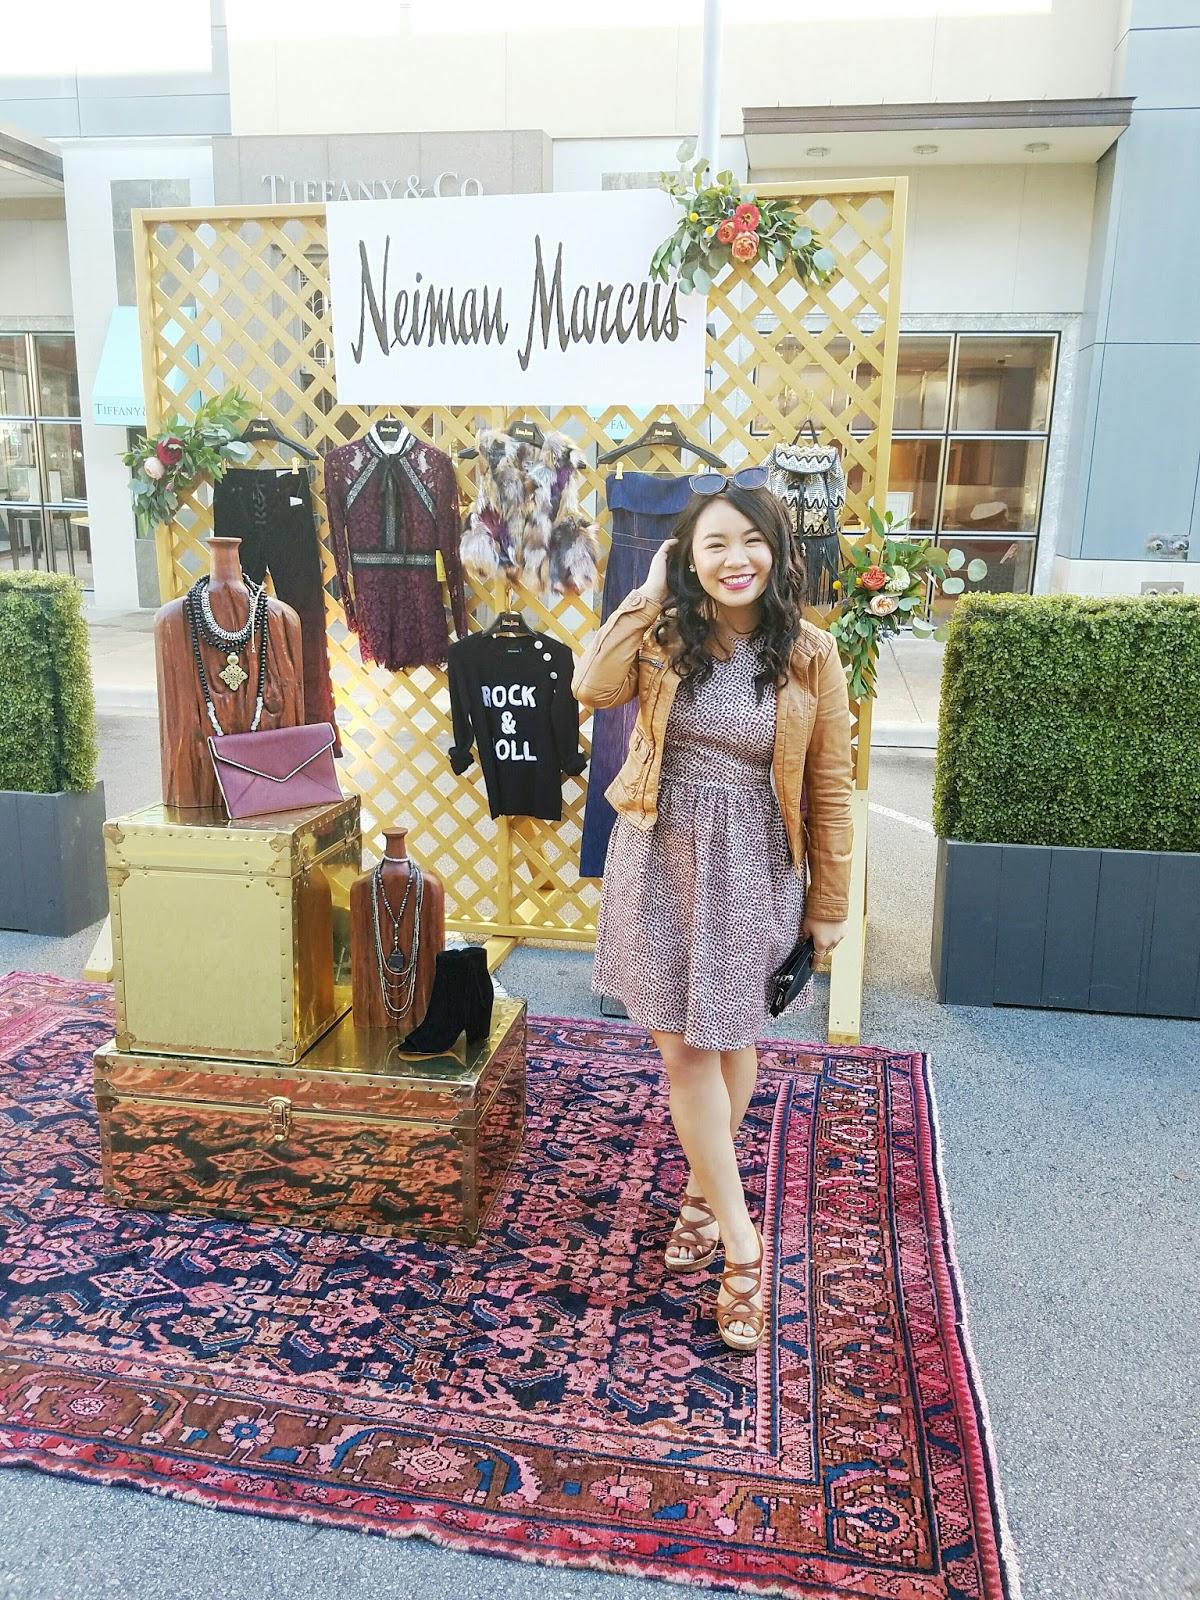 Neiman Marcus Event in Austin, Texas